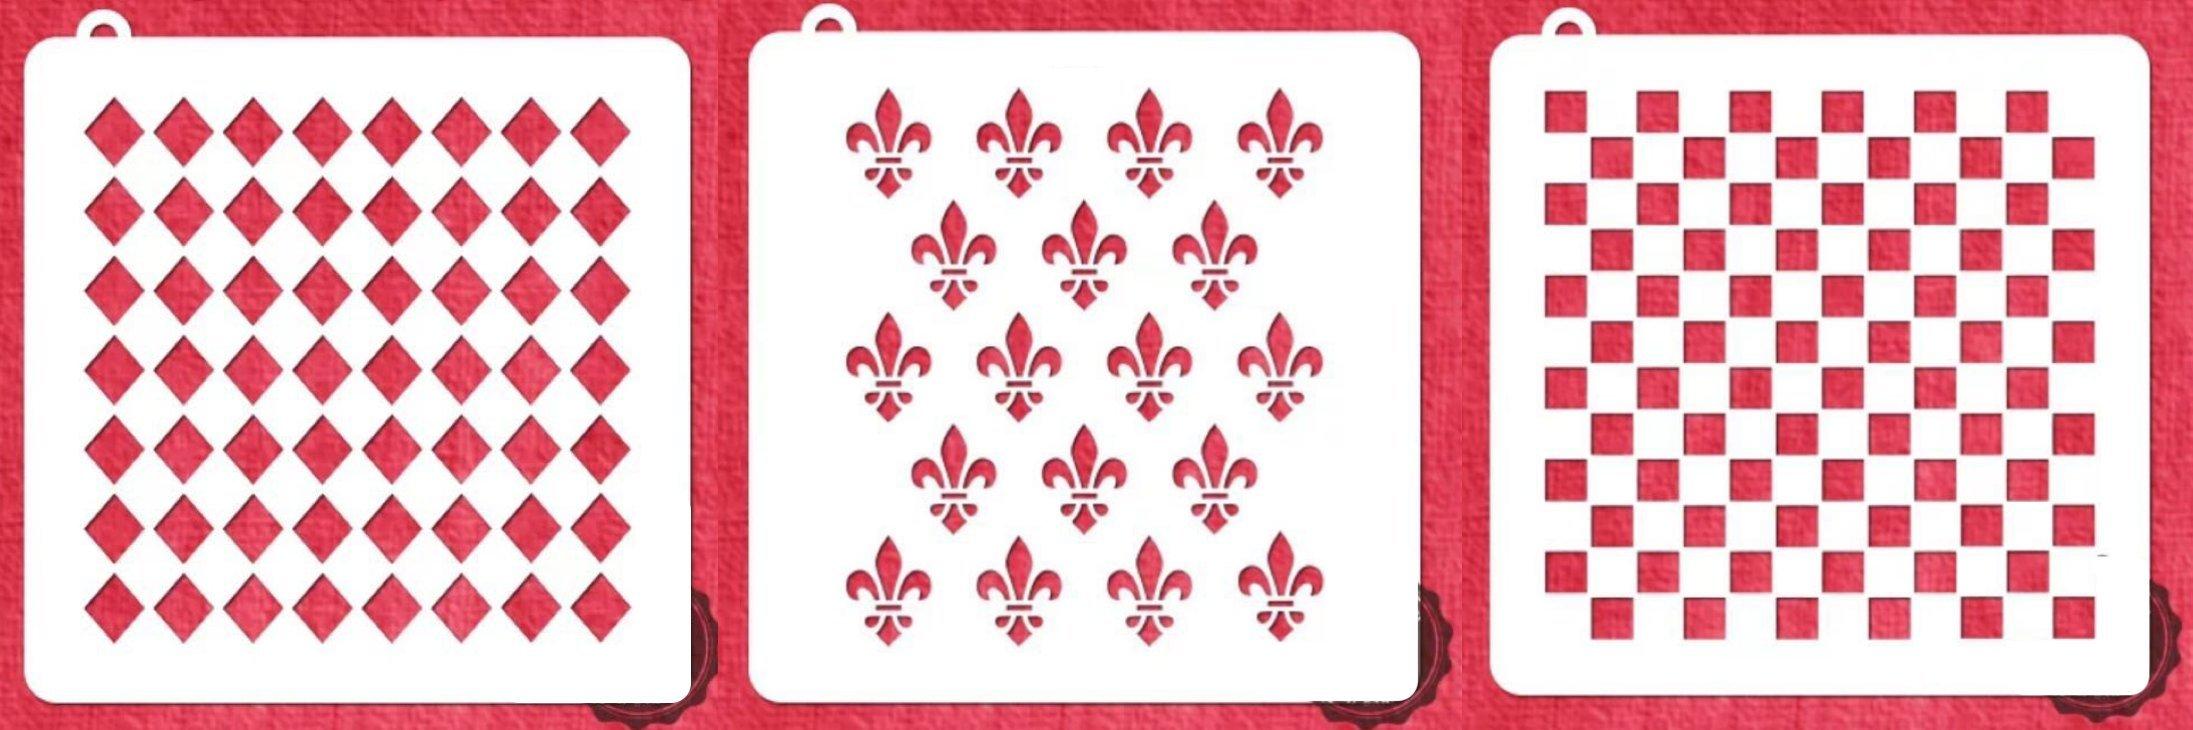 American Confections Fleur-de-lis, Square, Diamond Cookie Stencil Set of 3